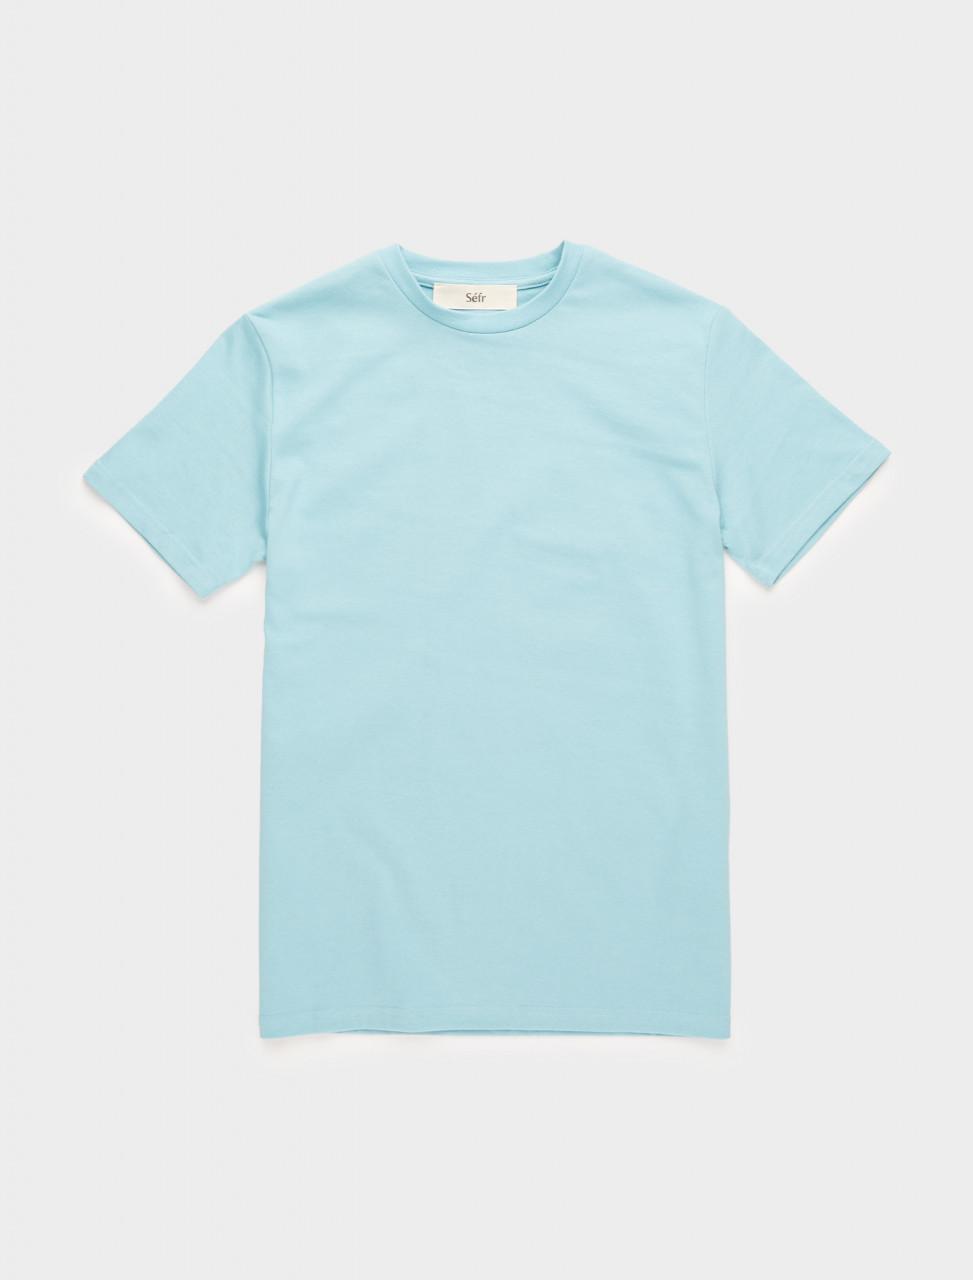 271-CT-CB SÉFR CLIN TEE IN CADET BLUE